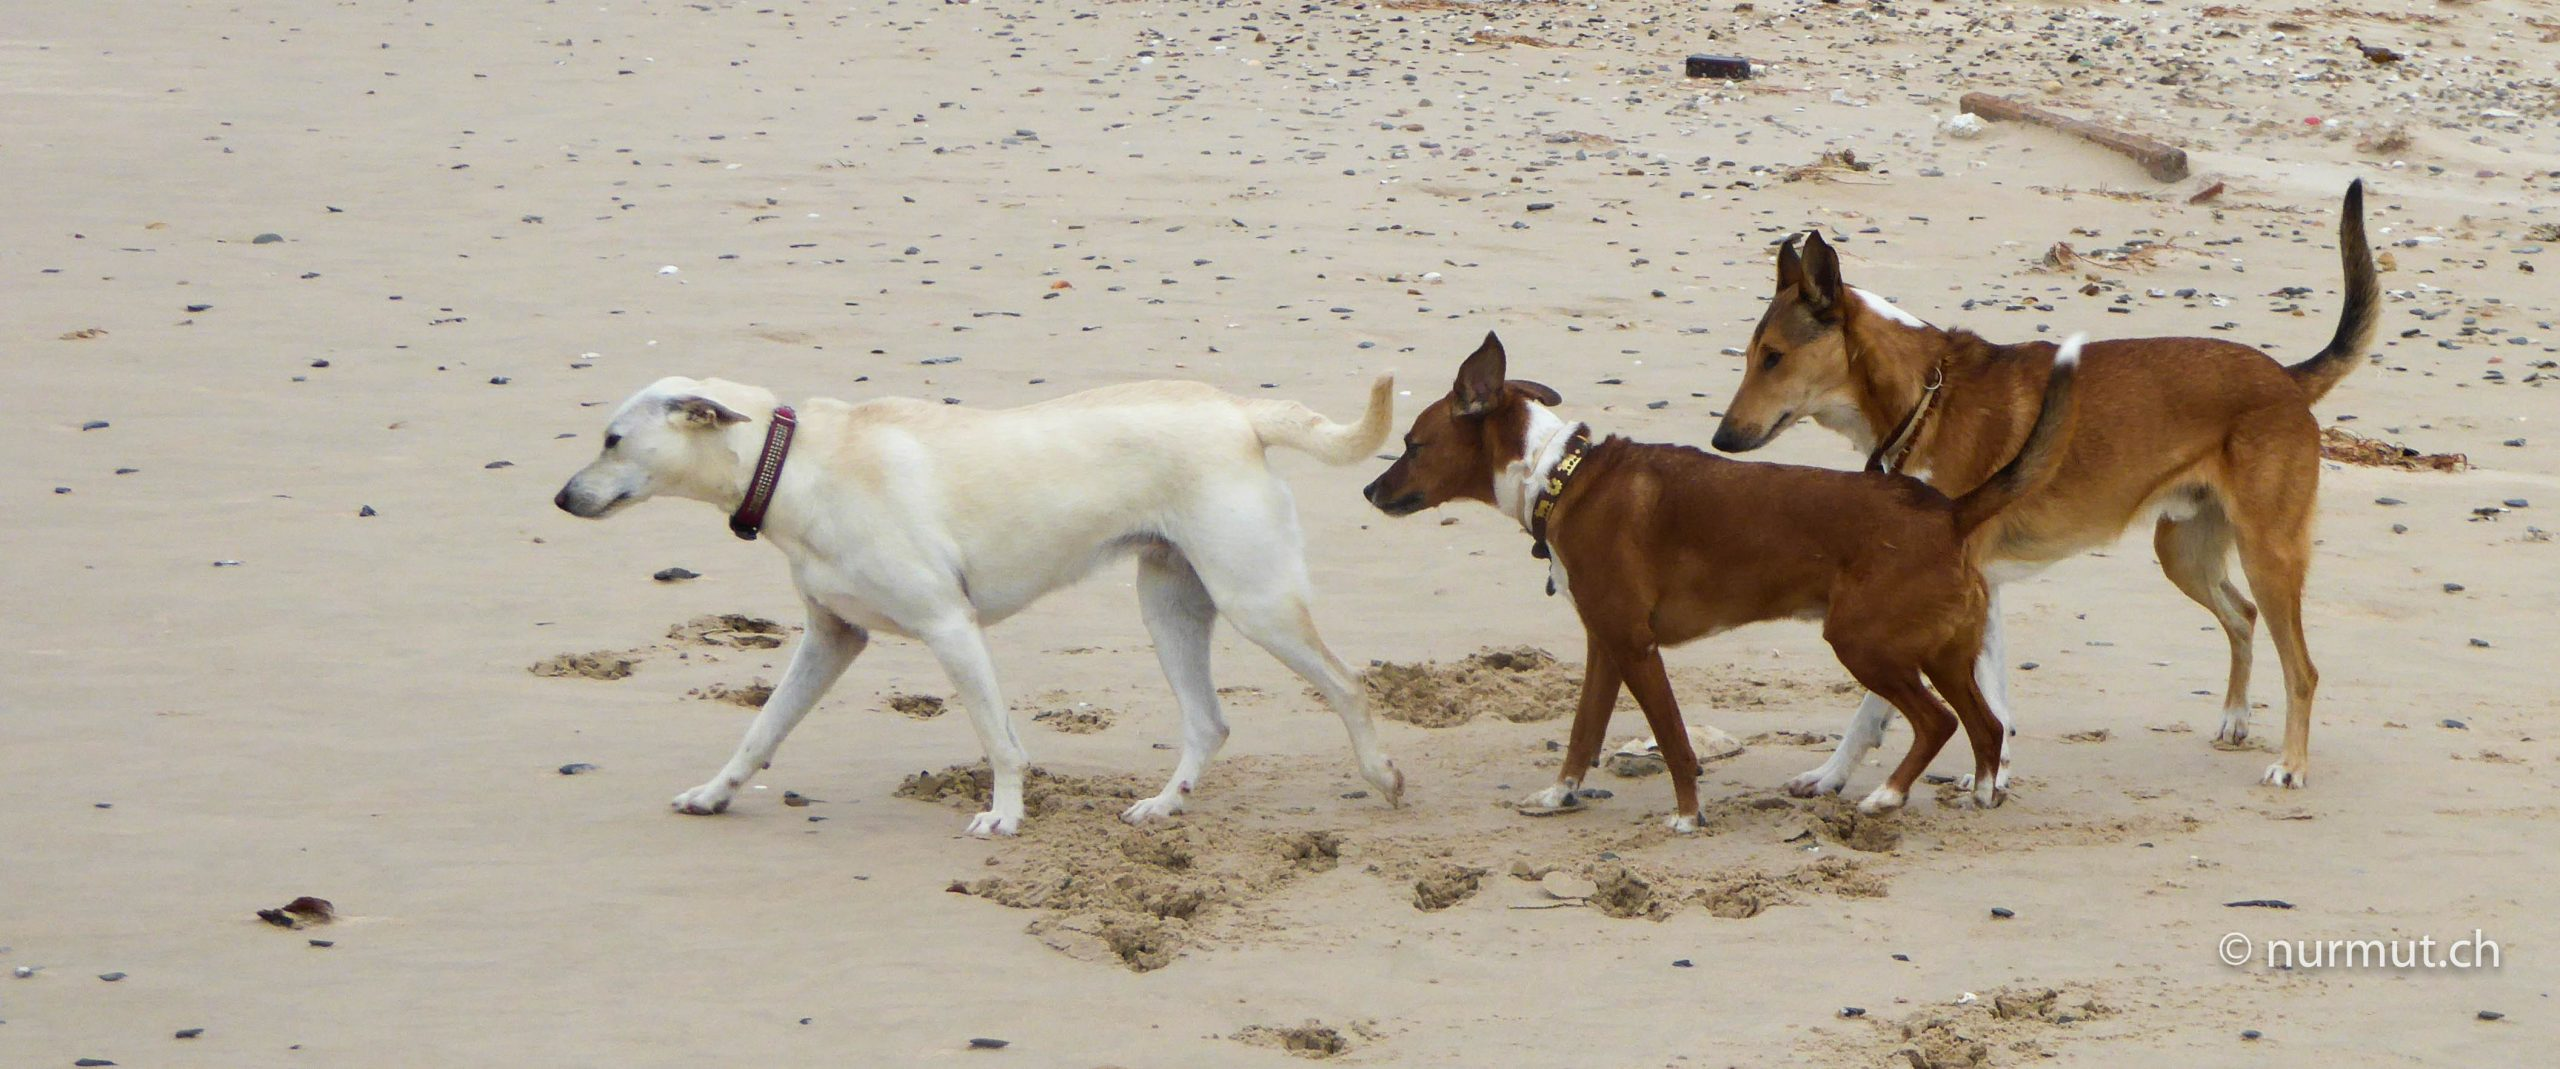 tarifa-strand-hund